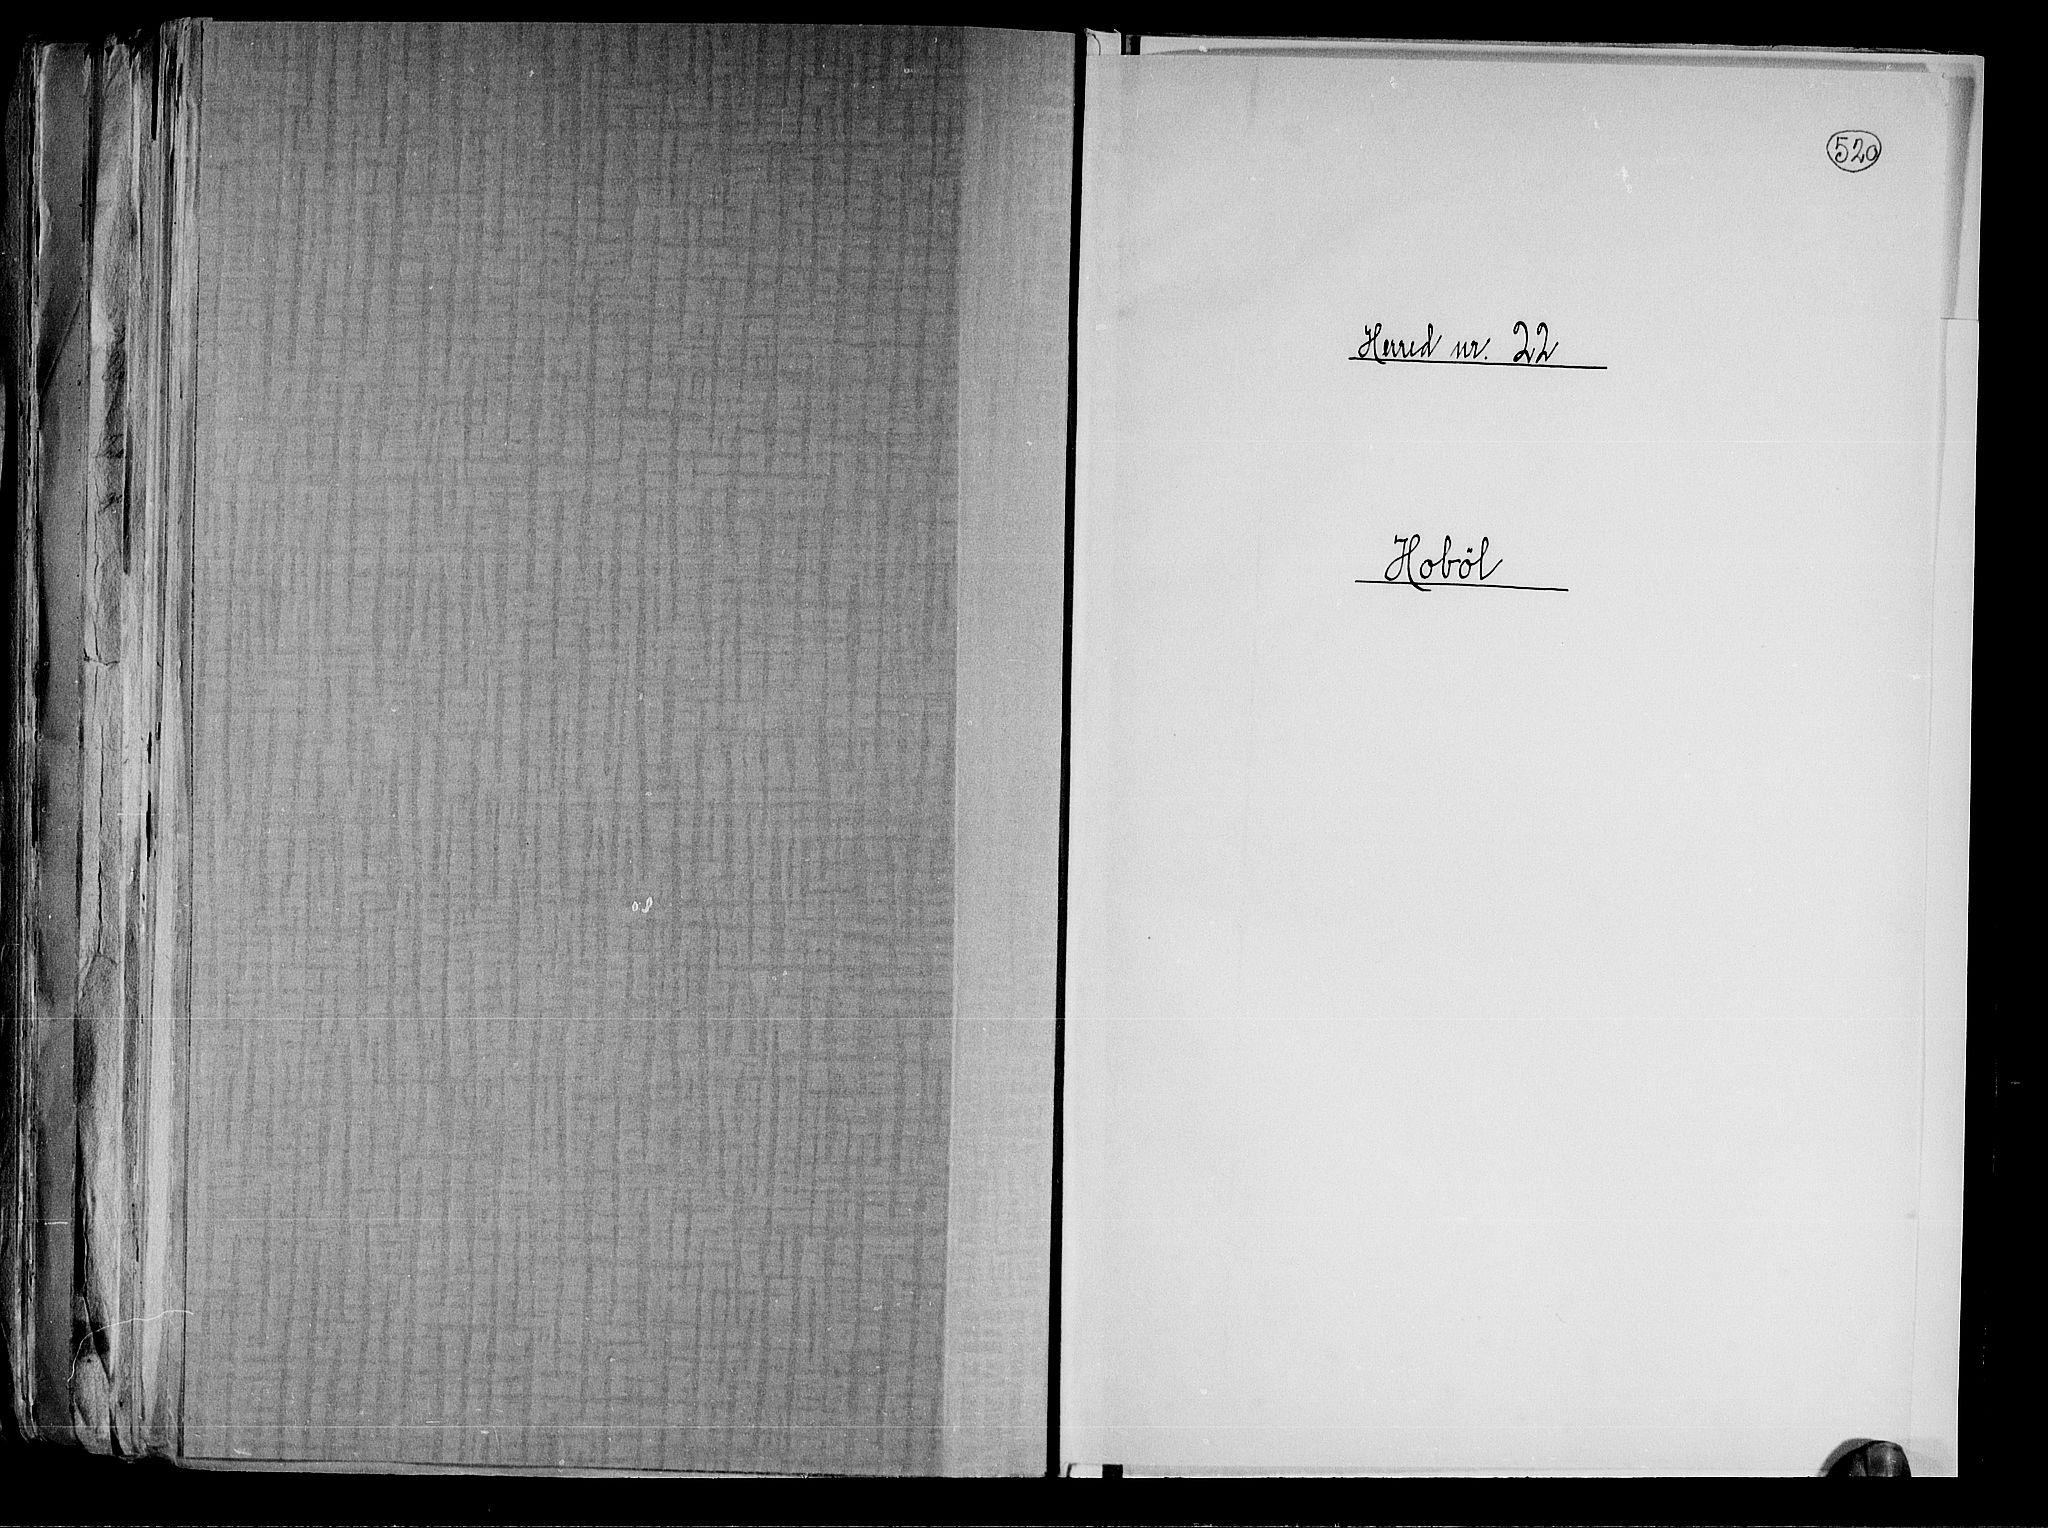 RA, Folketelling 1891 for 0138 Hobøl herred, 1891, s. 1